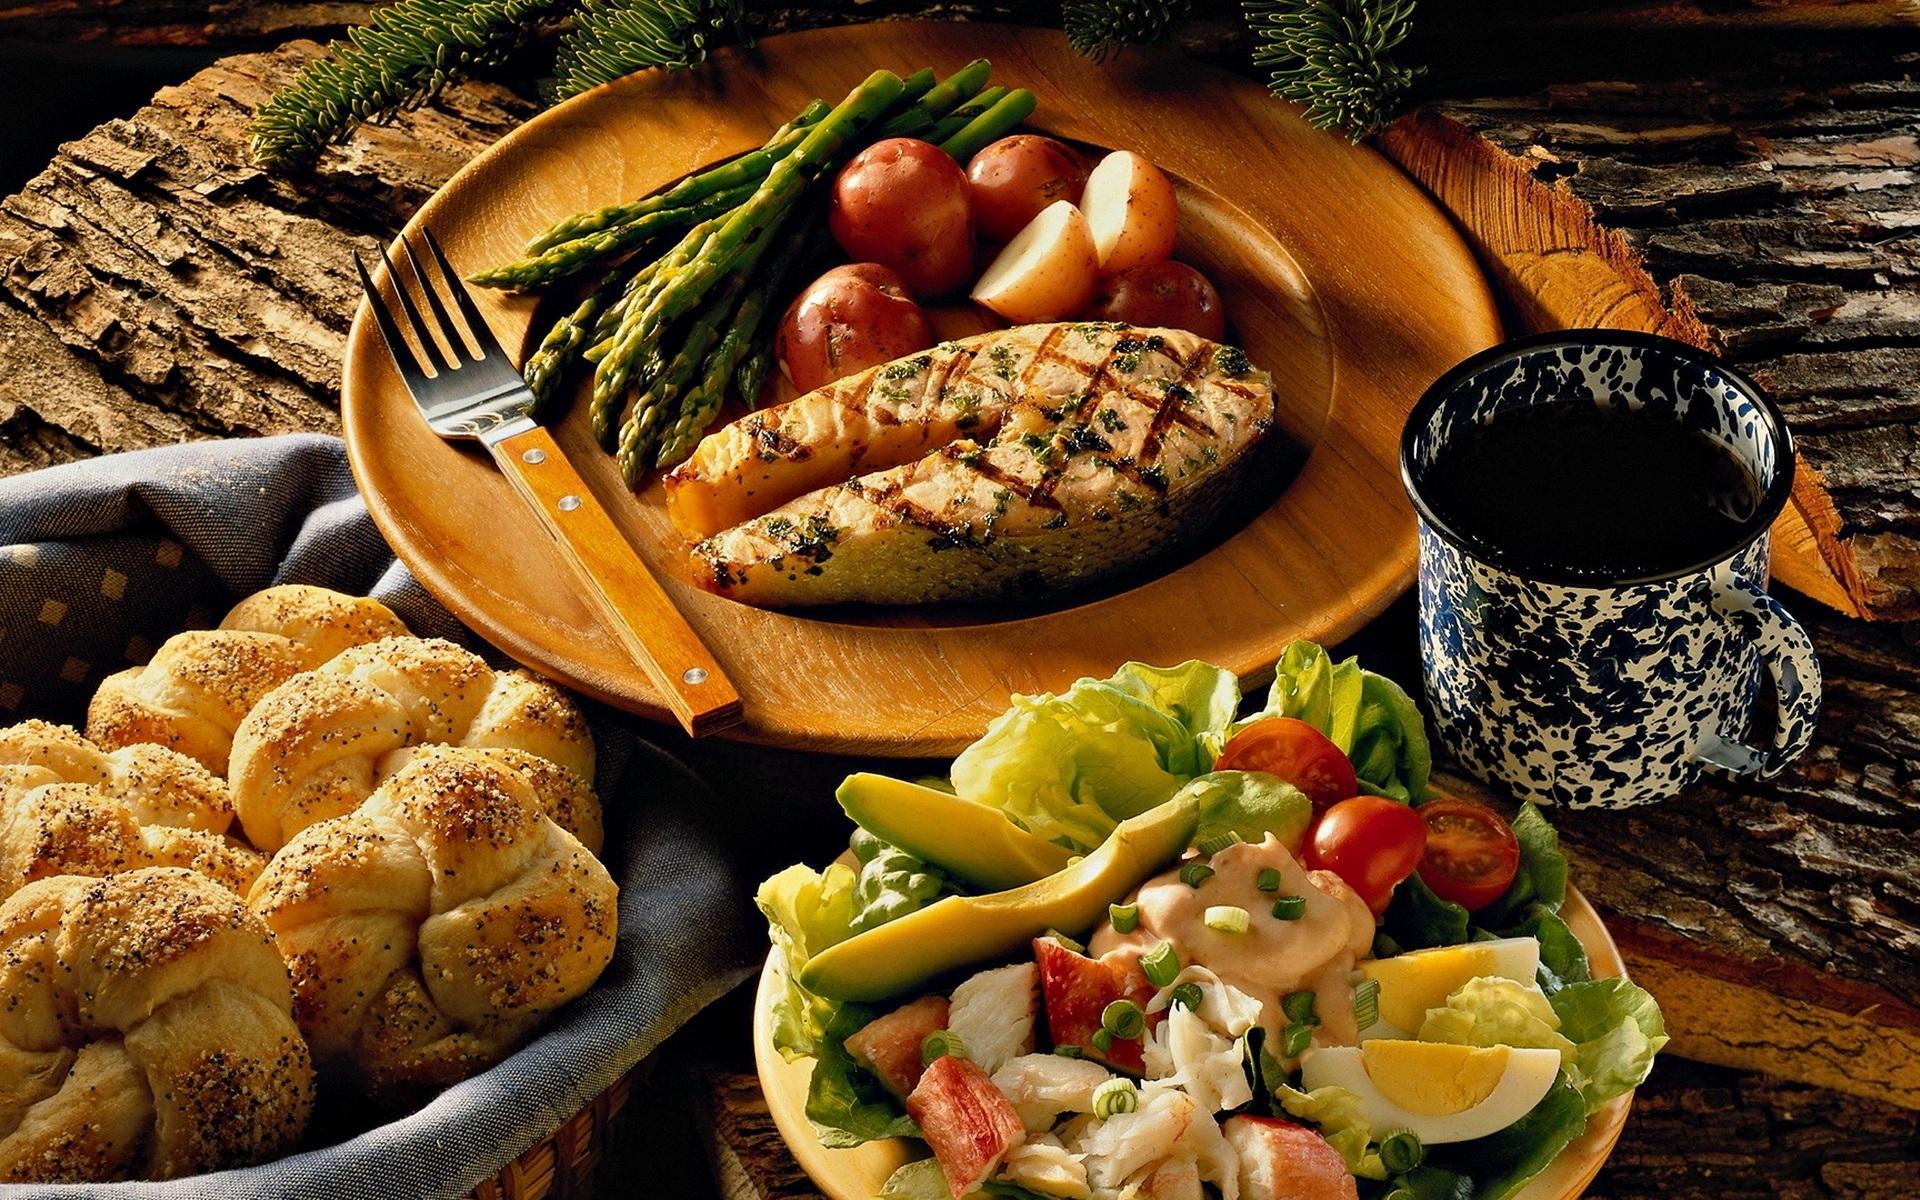 Налегай на завтрак, чтобы не голодать в обед